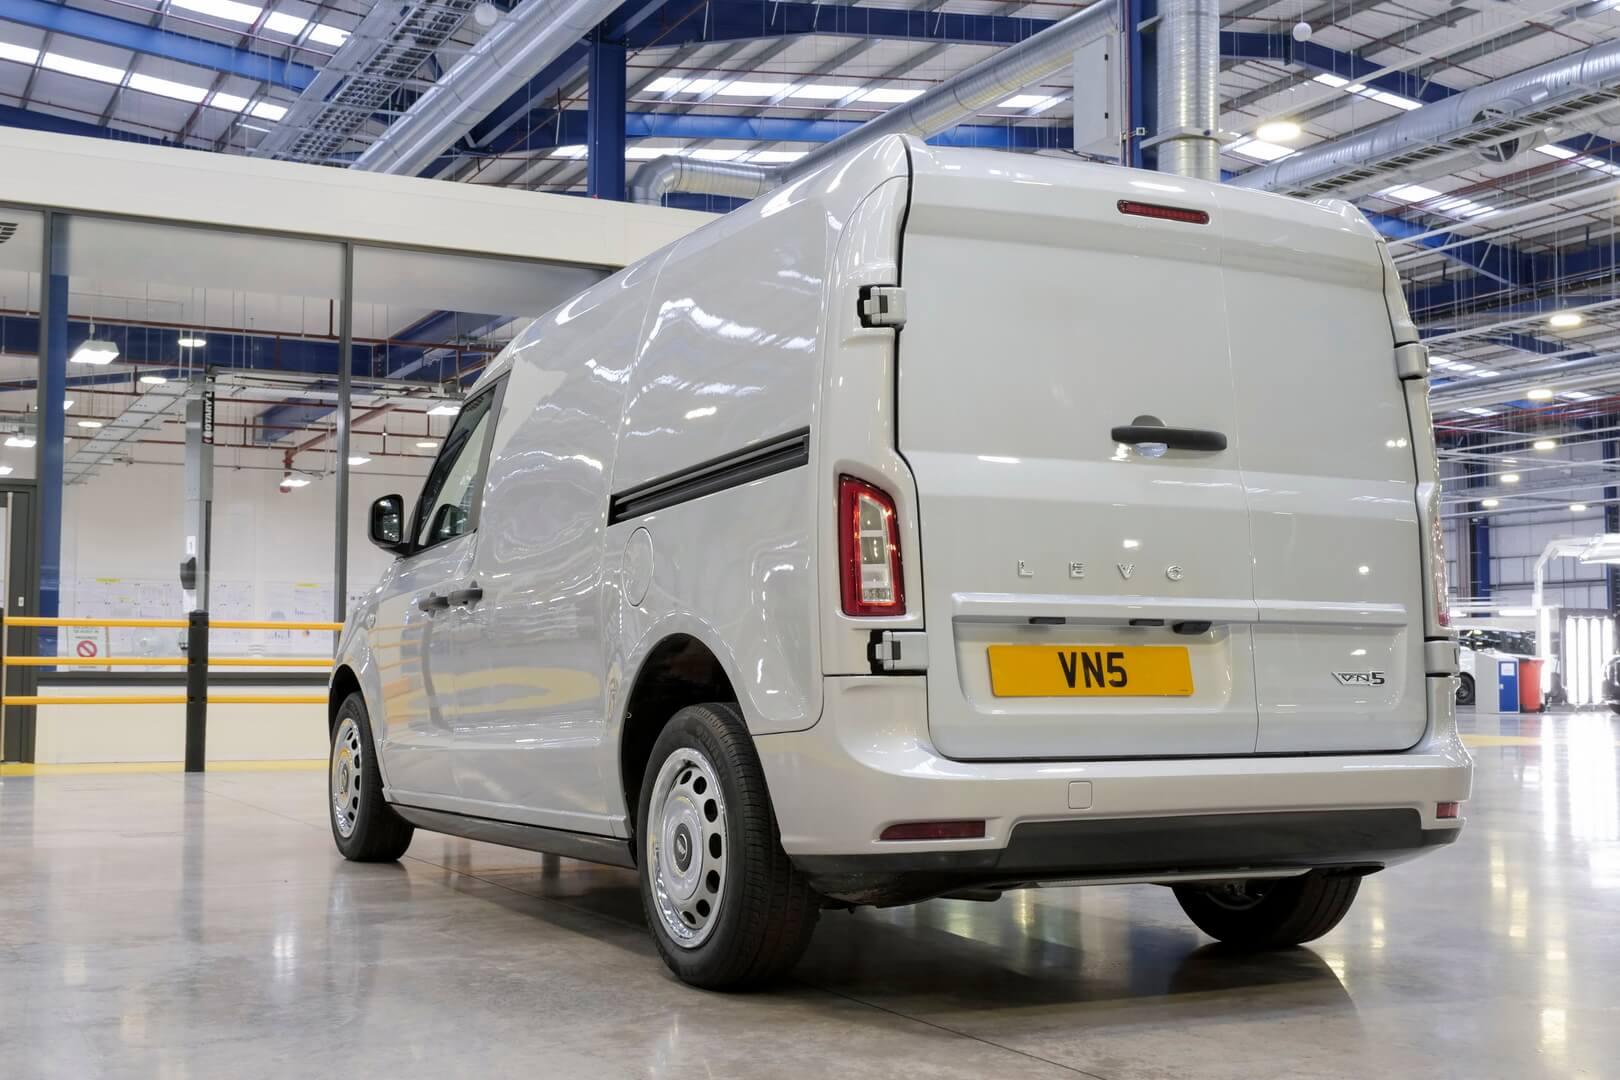 Новый плагин-гибридный фургон LEVC получил название VN5